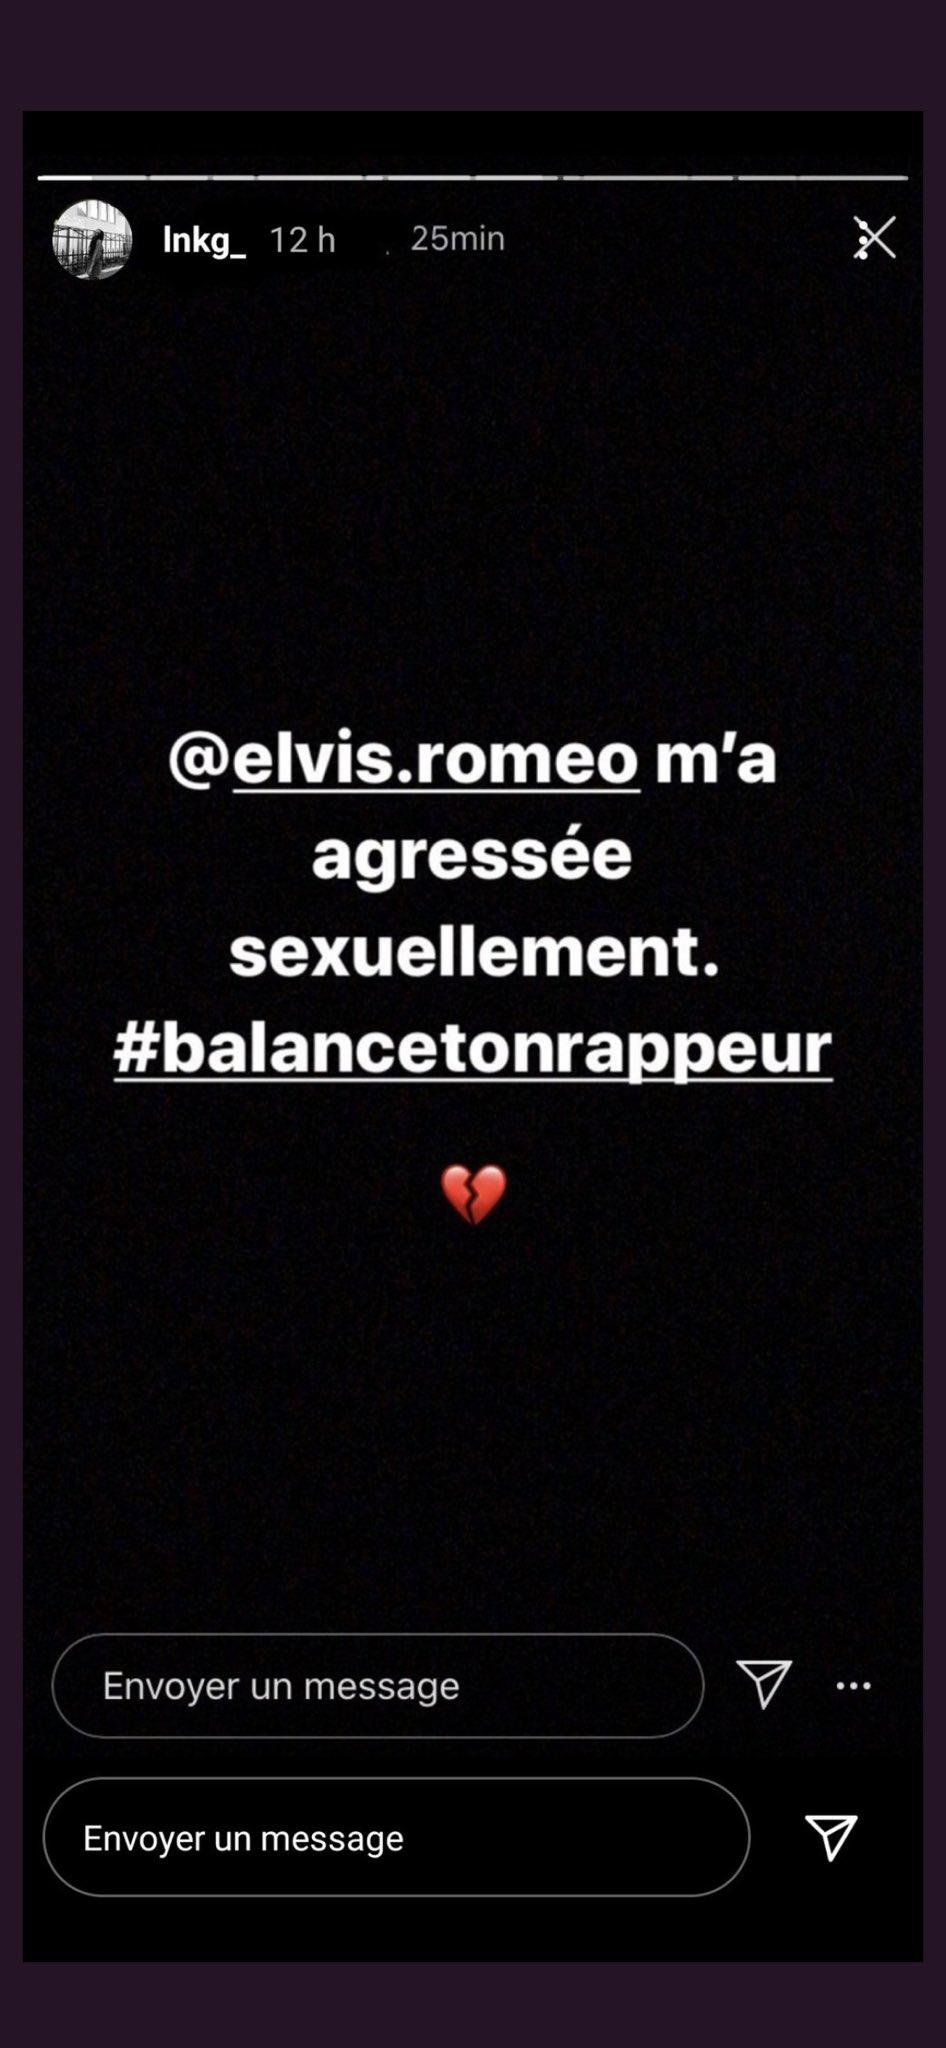 #balancetonrappeur : Roméo Elvis accusé d'agression sexuelle